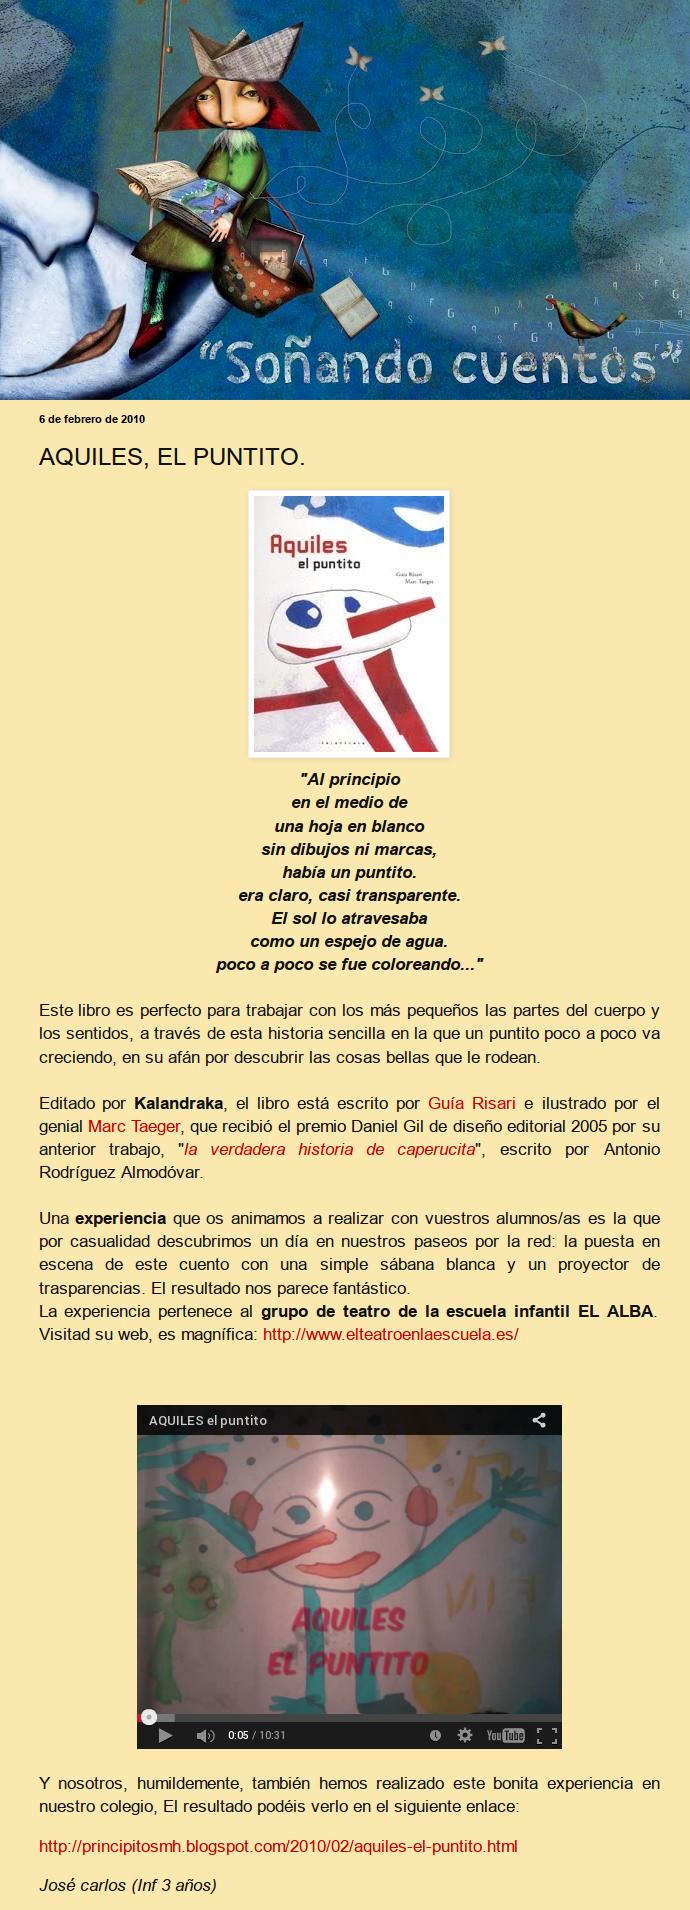 Guia Risari: Aquiles el puntito (Kalandraka, 2006)